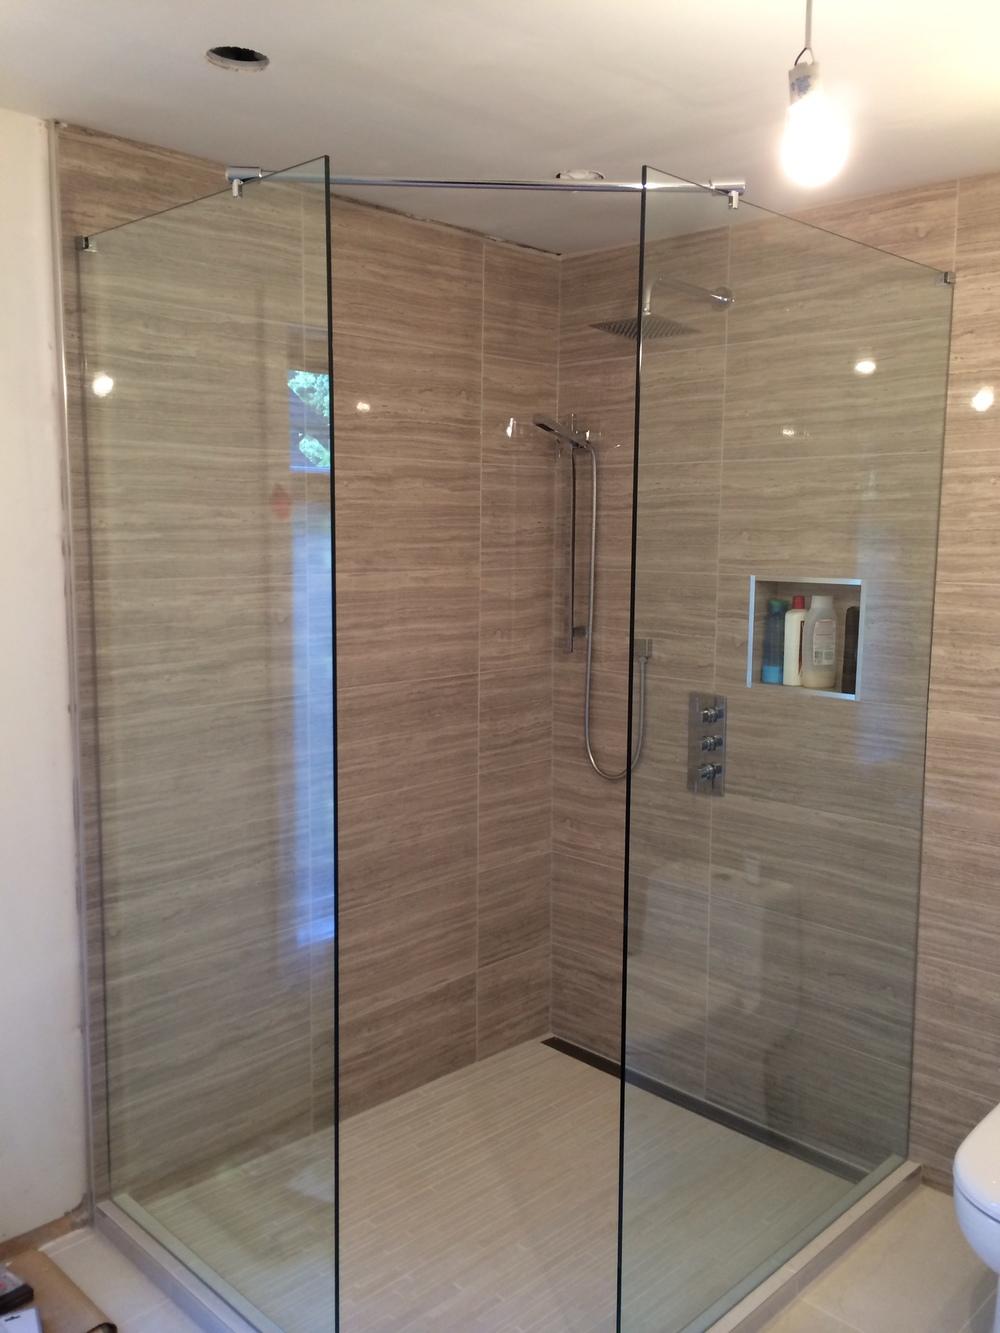 Shower_Fixtures_01.JPG